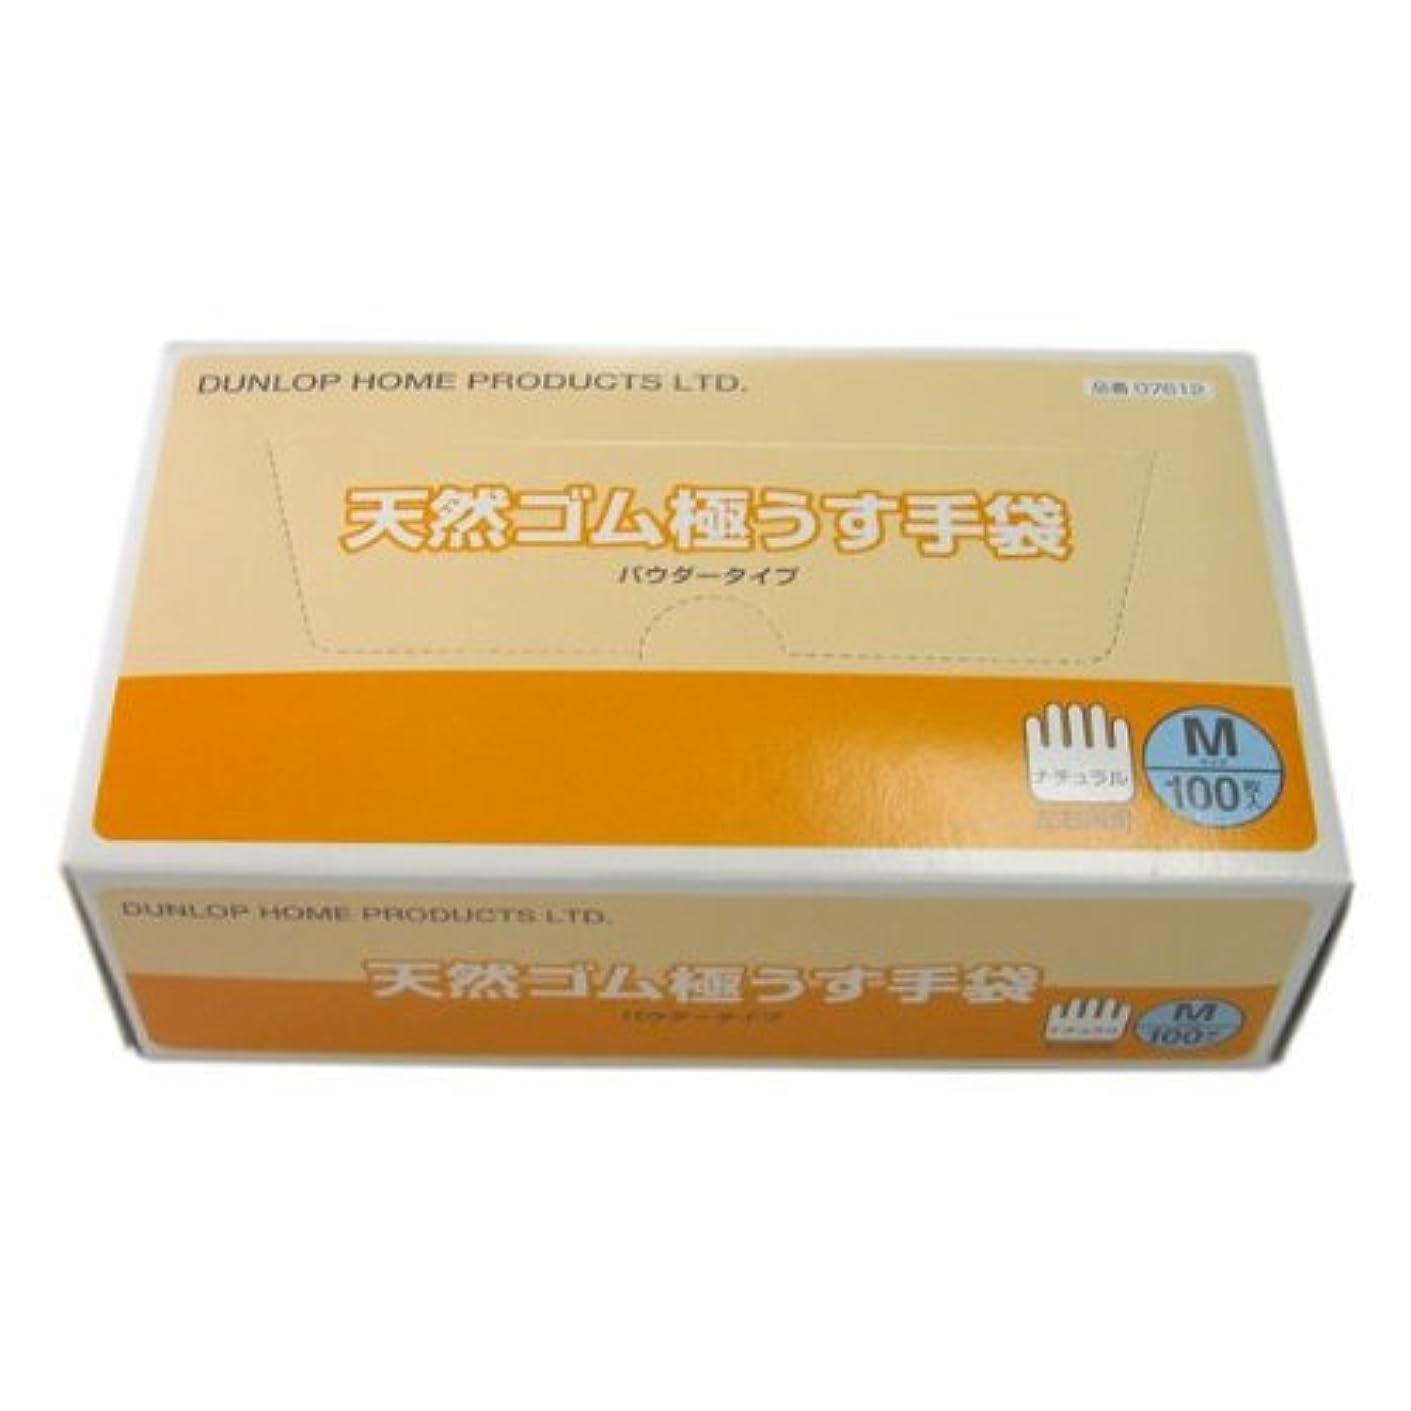 フレームワーク鋼チャーミングダンロップ 天然ゴムラテックス極うす手袋 Mサイズ 100枚入